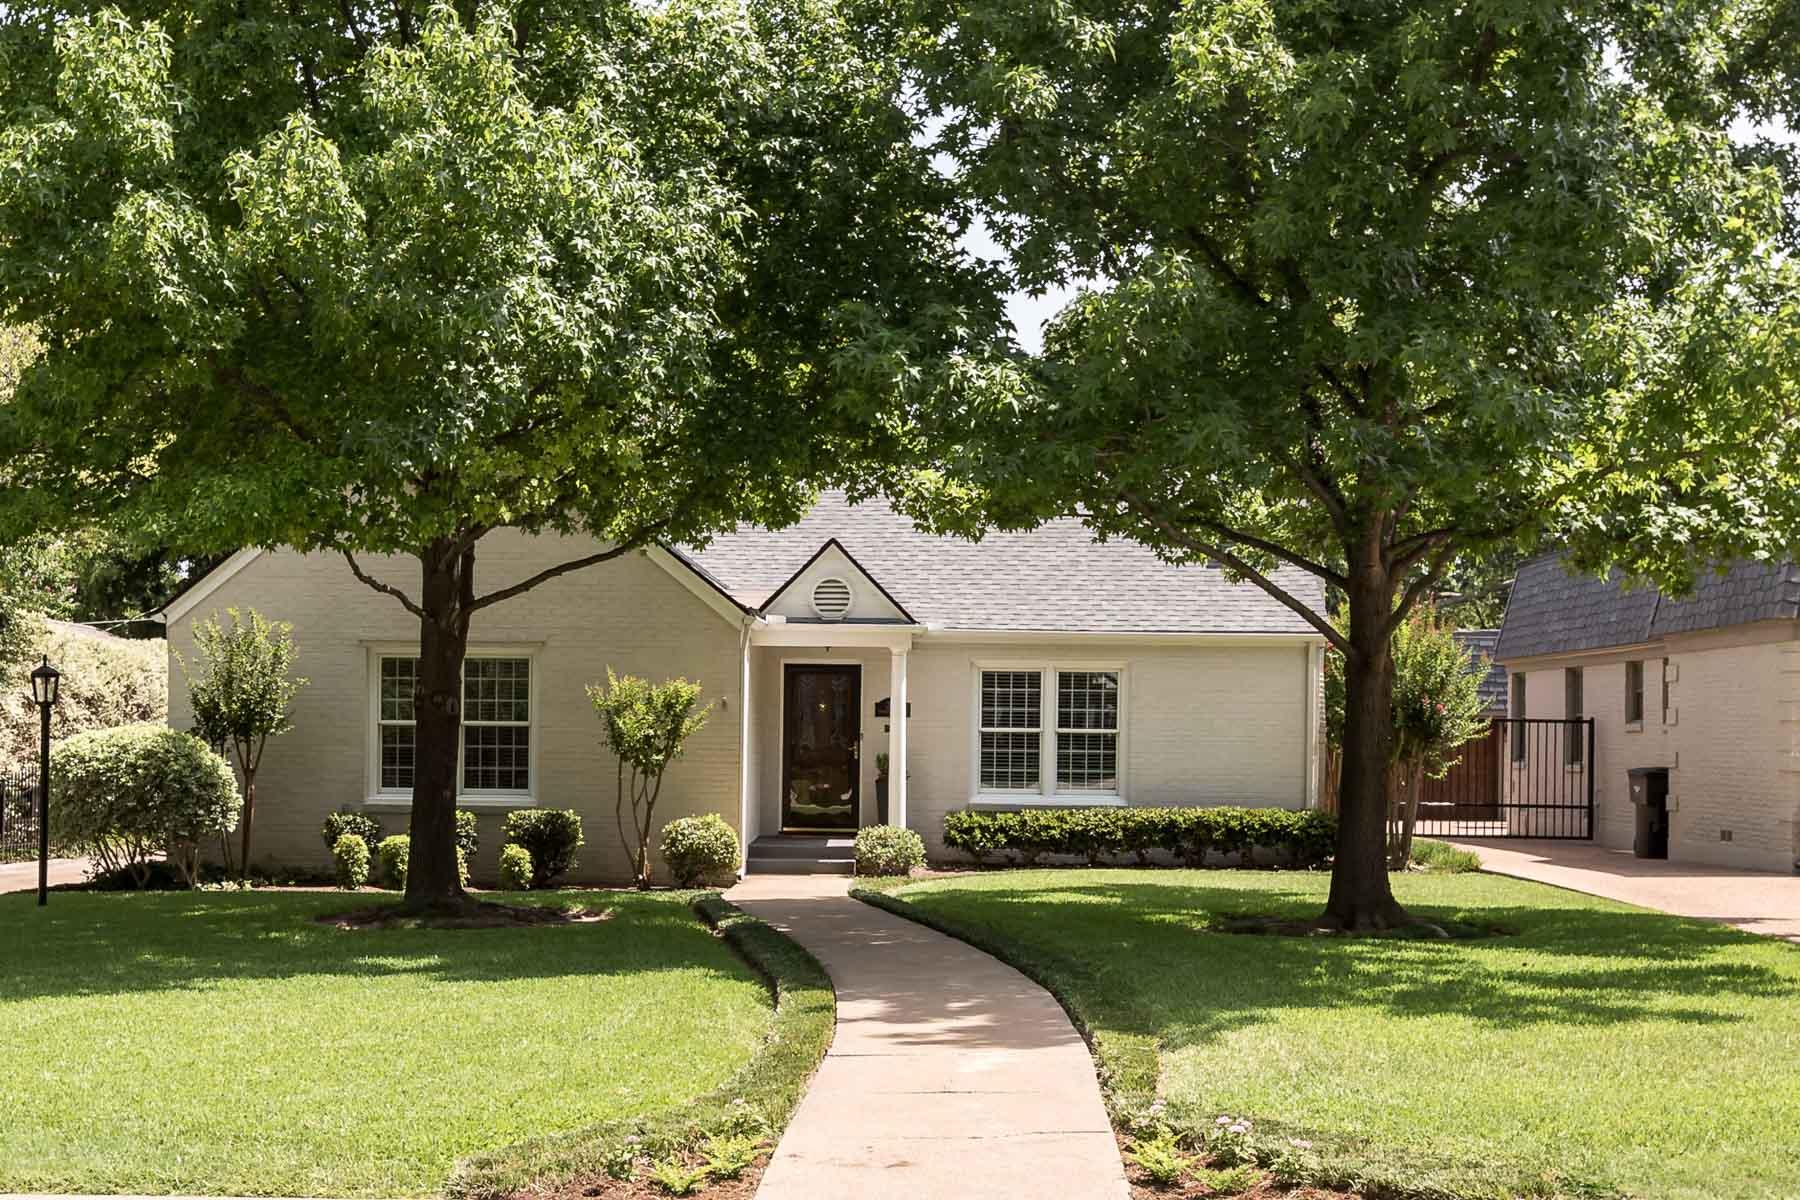 단독 가정 주택 용 매매 에 Charming home within walking distance from TCU 3611 Westcliff Rd. S Fort Worth, 텍사스, 76109 미국